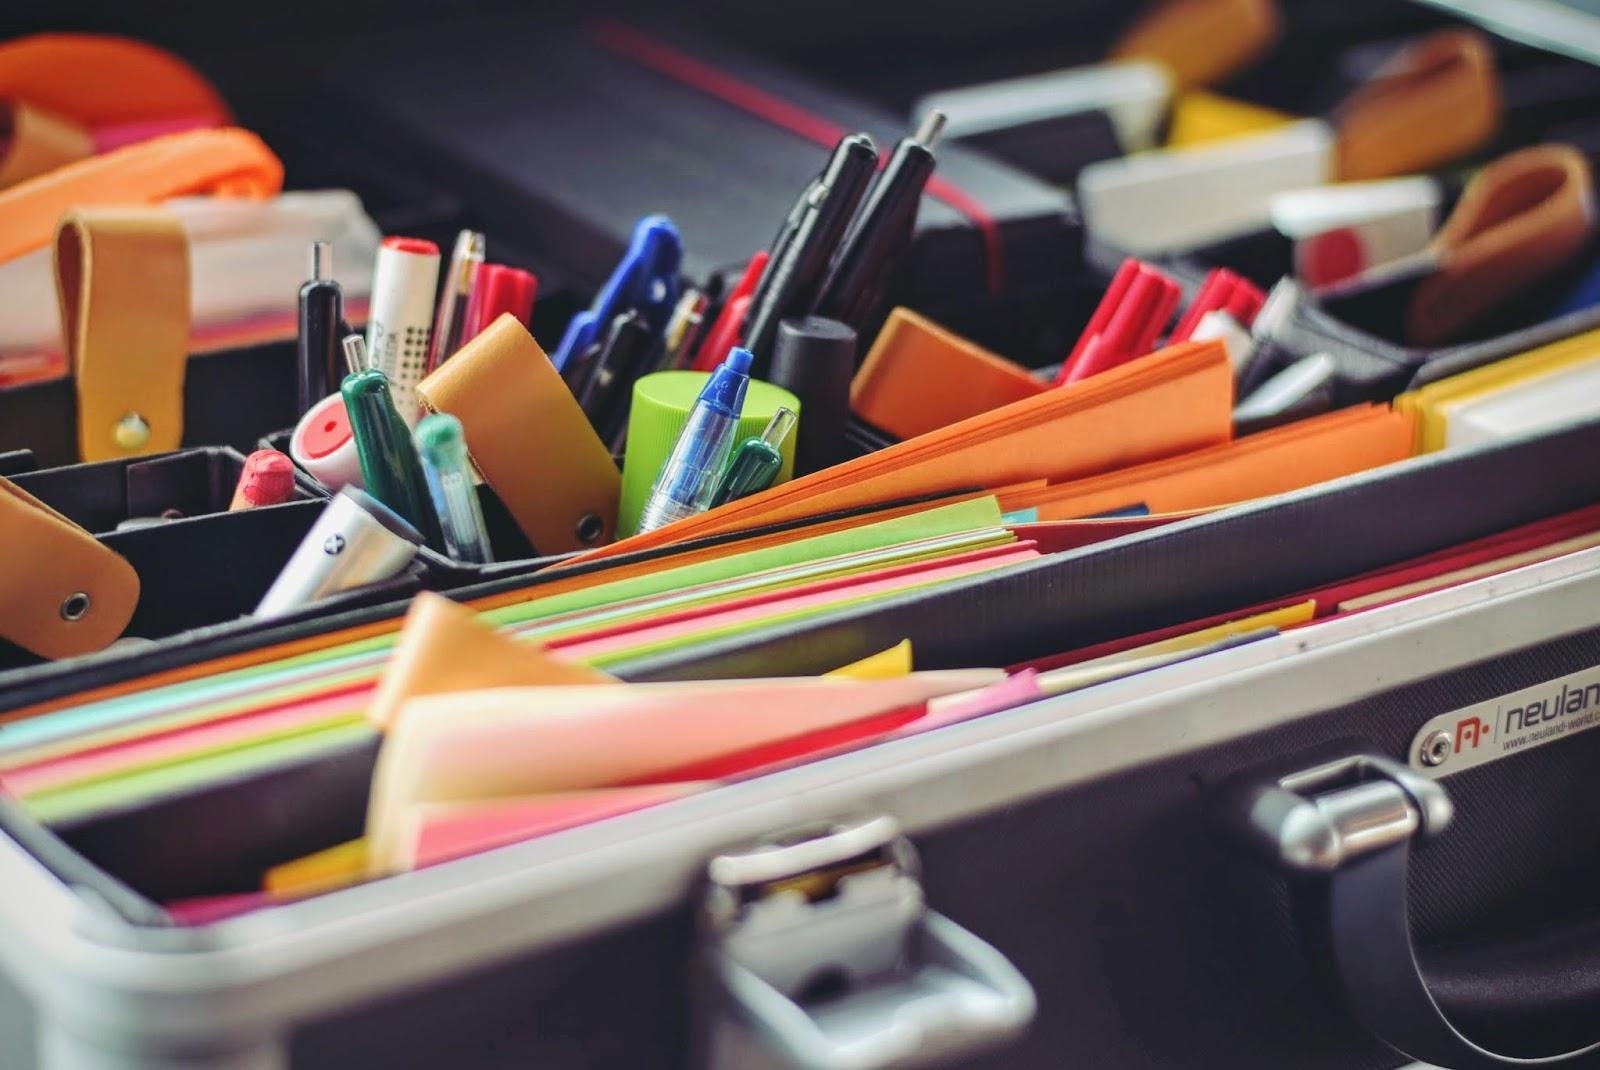 Veja o que você não deve deixar de ter no seu home office para ser uma empreendedora de sucesso, dicas simples e práticas que garantem um excelente resultado. Saiba mais agora!